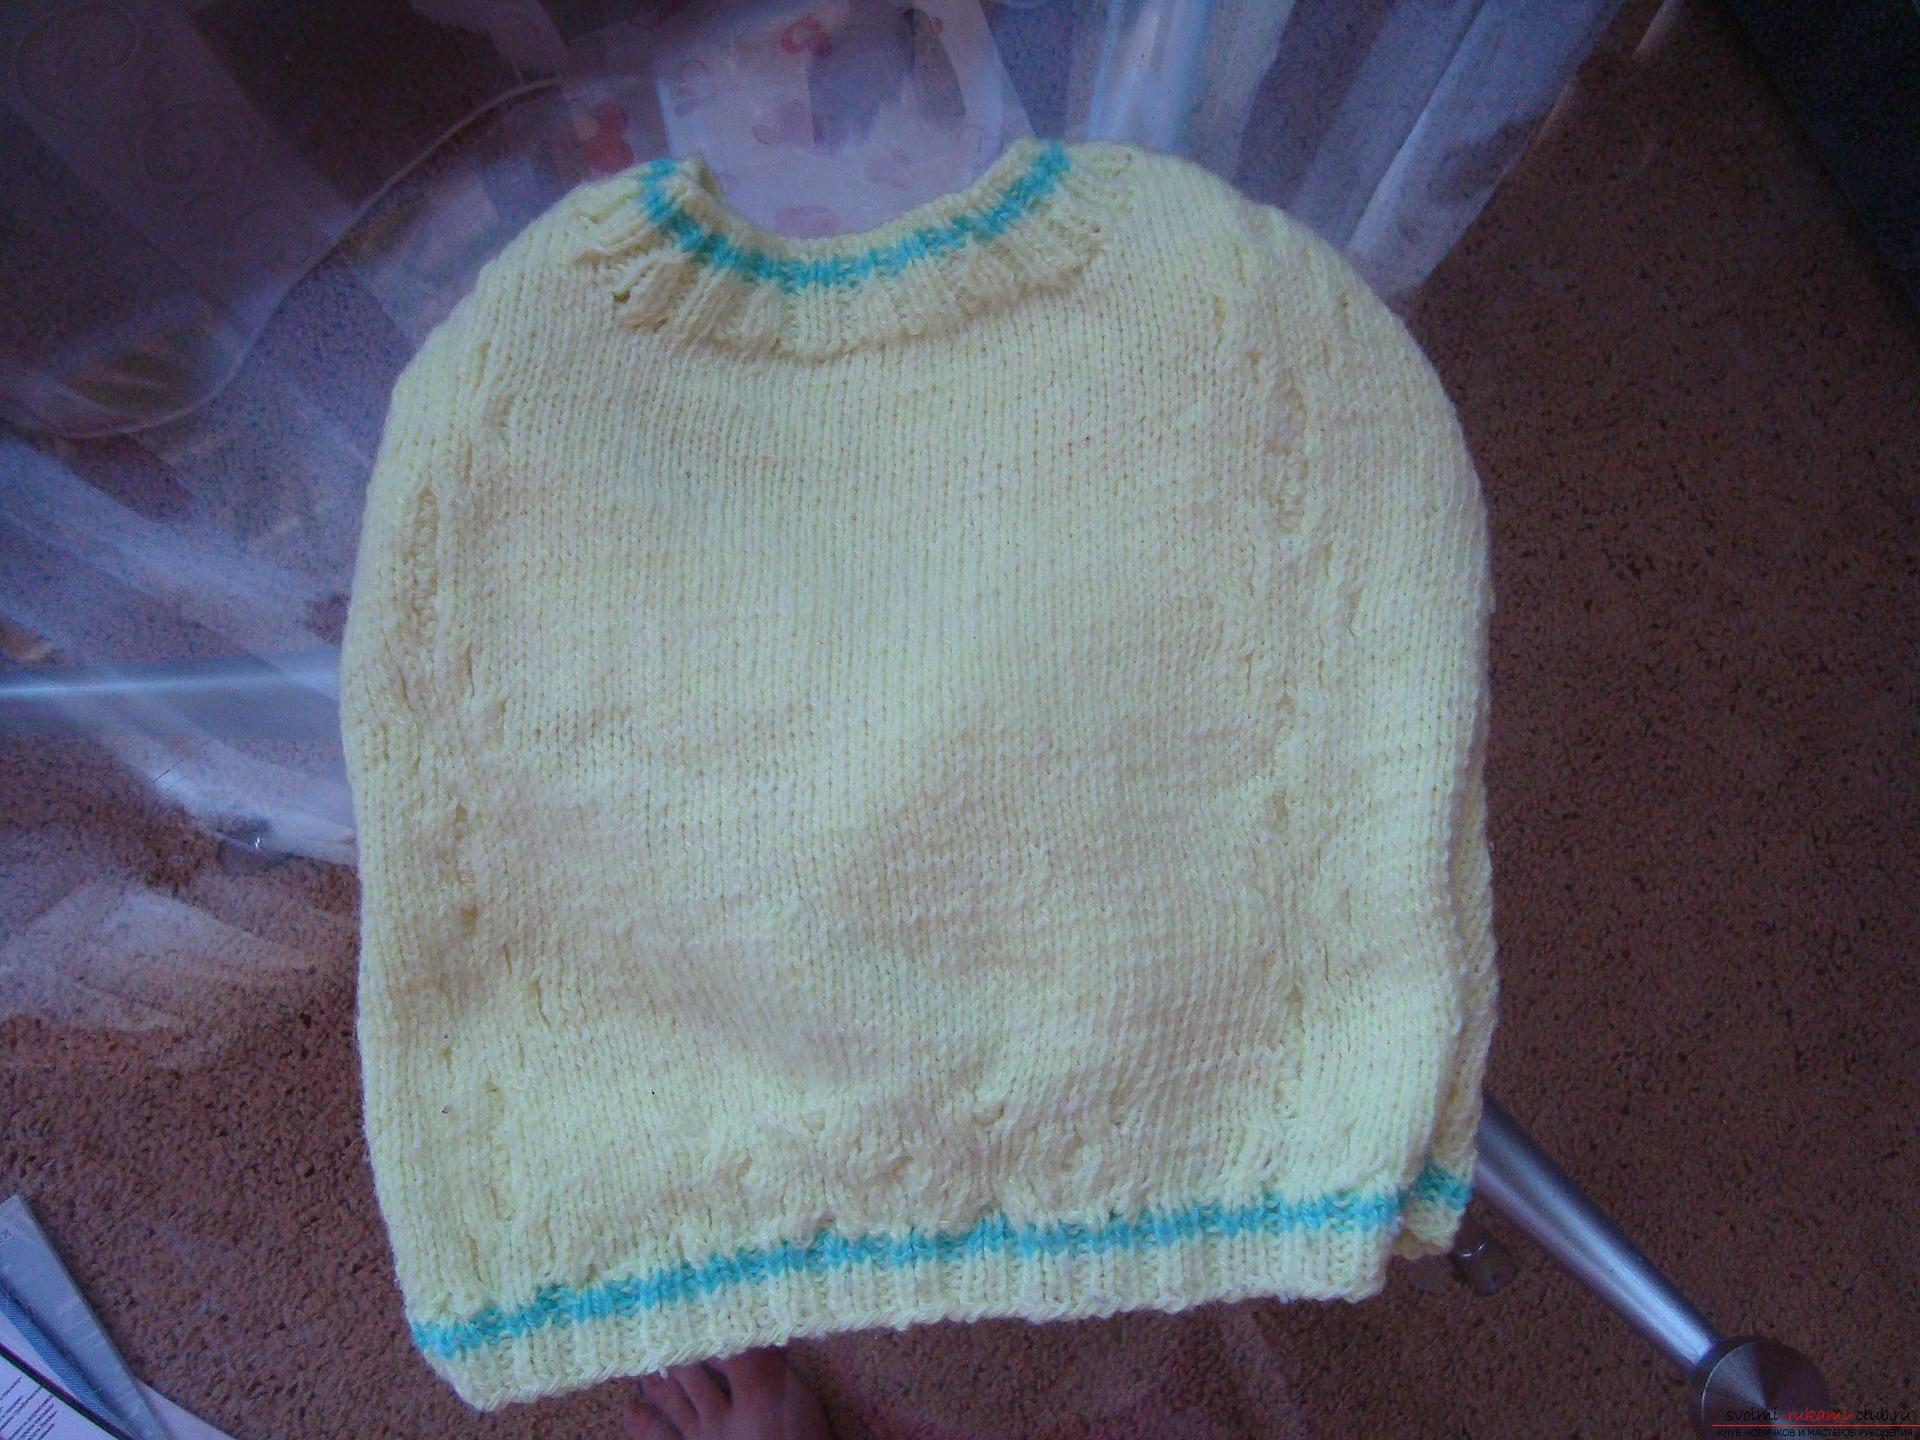 Пошаговая фото-инструкция по вязанию детского свитера на спицах. Фото №6